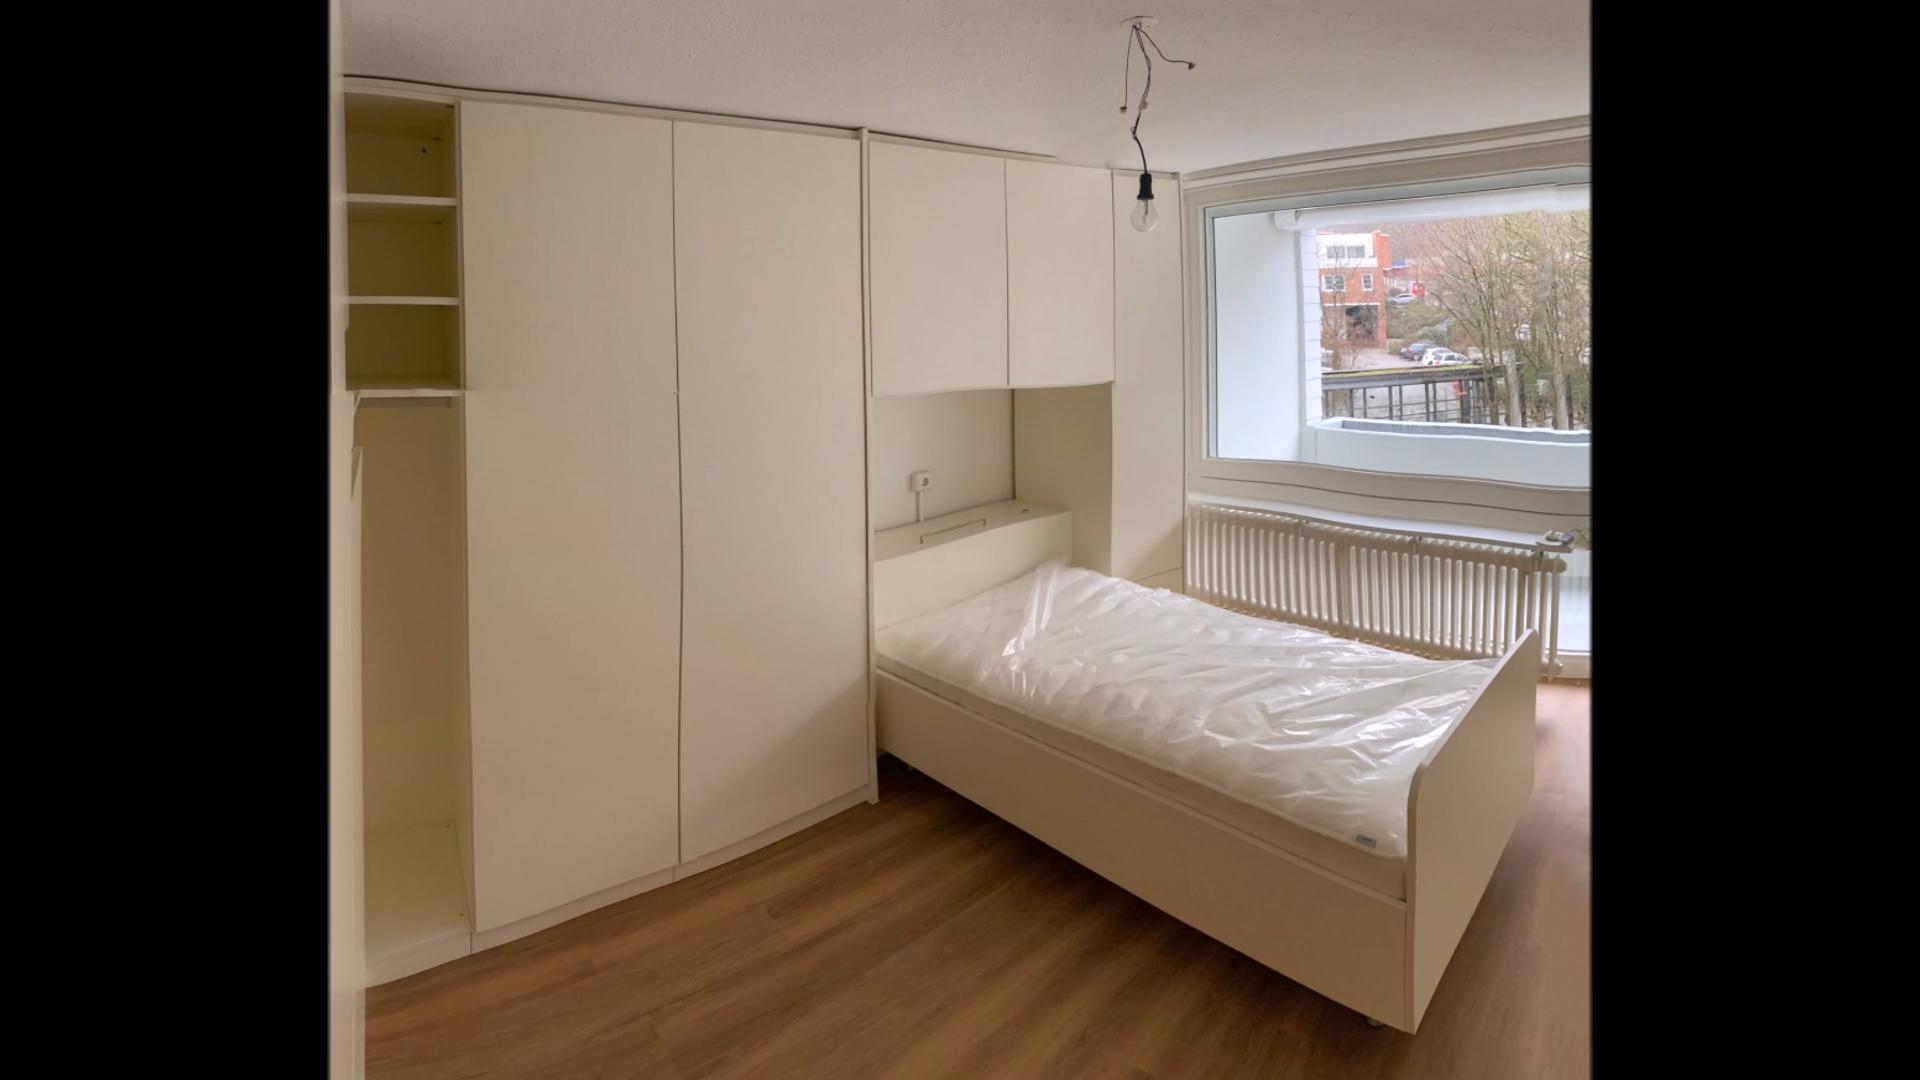 Eine Kundin Zieht Um In Ein Seniorenheim Und Benotigt Im Schlafzimmer Viel Stauraum Um Sowohl Kleider Als Auch Perso In 2020 Bett Mit Bettkasten Einbauschrank Wohnen